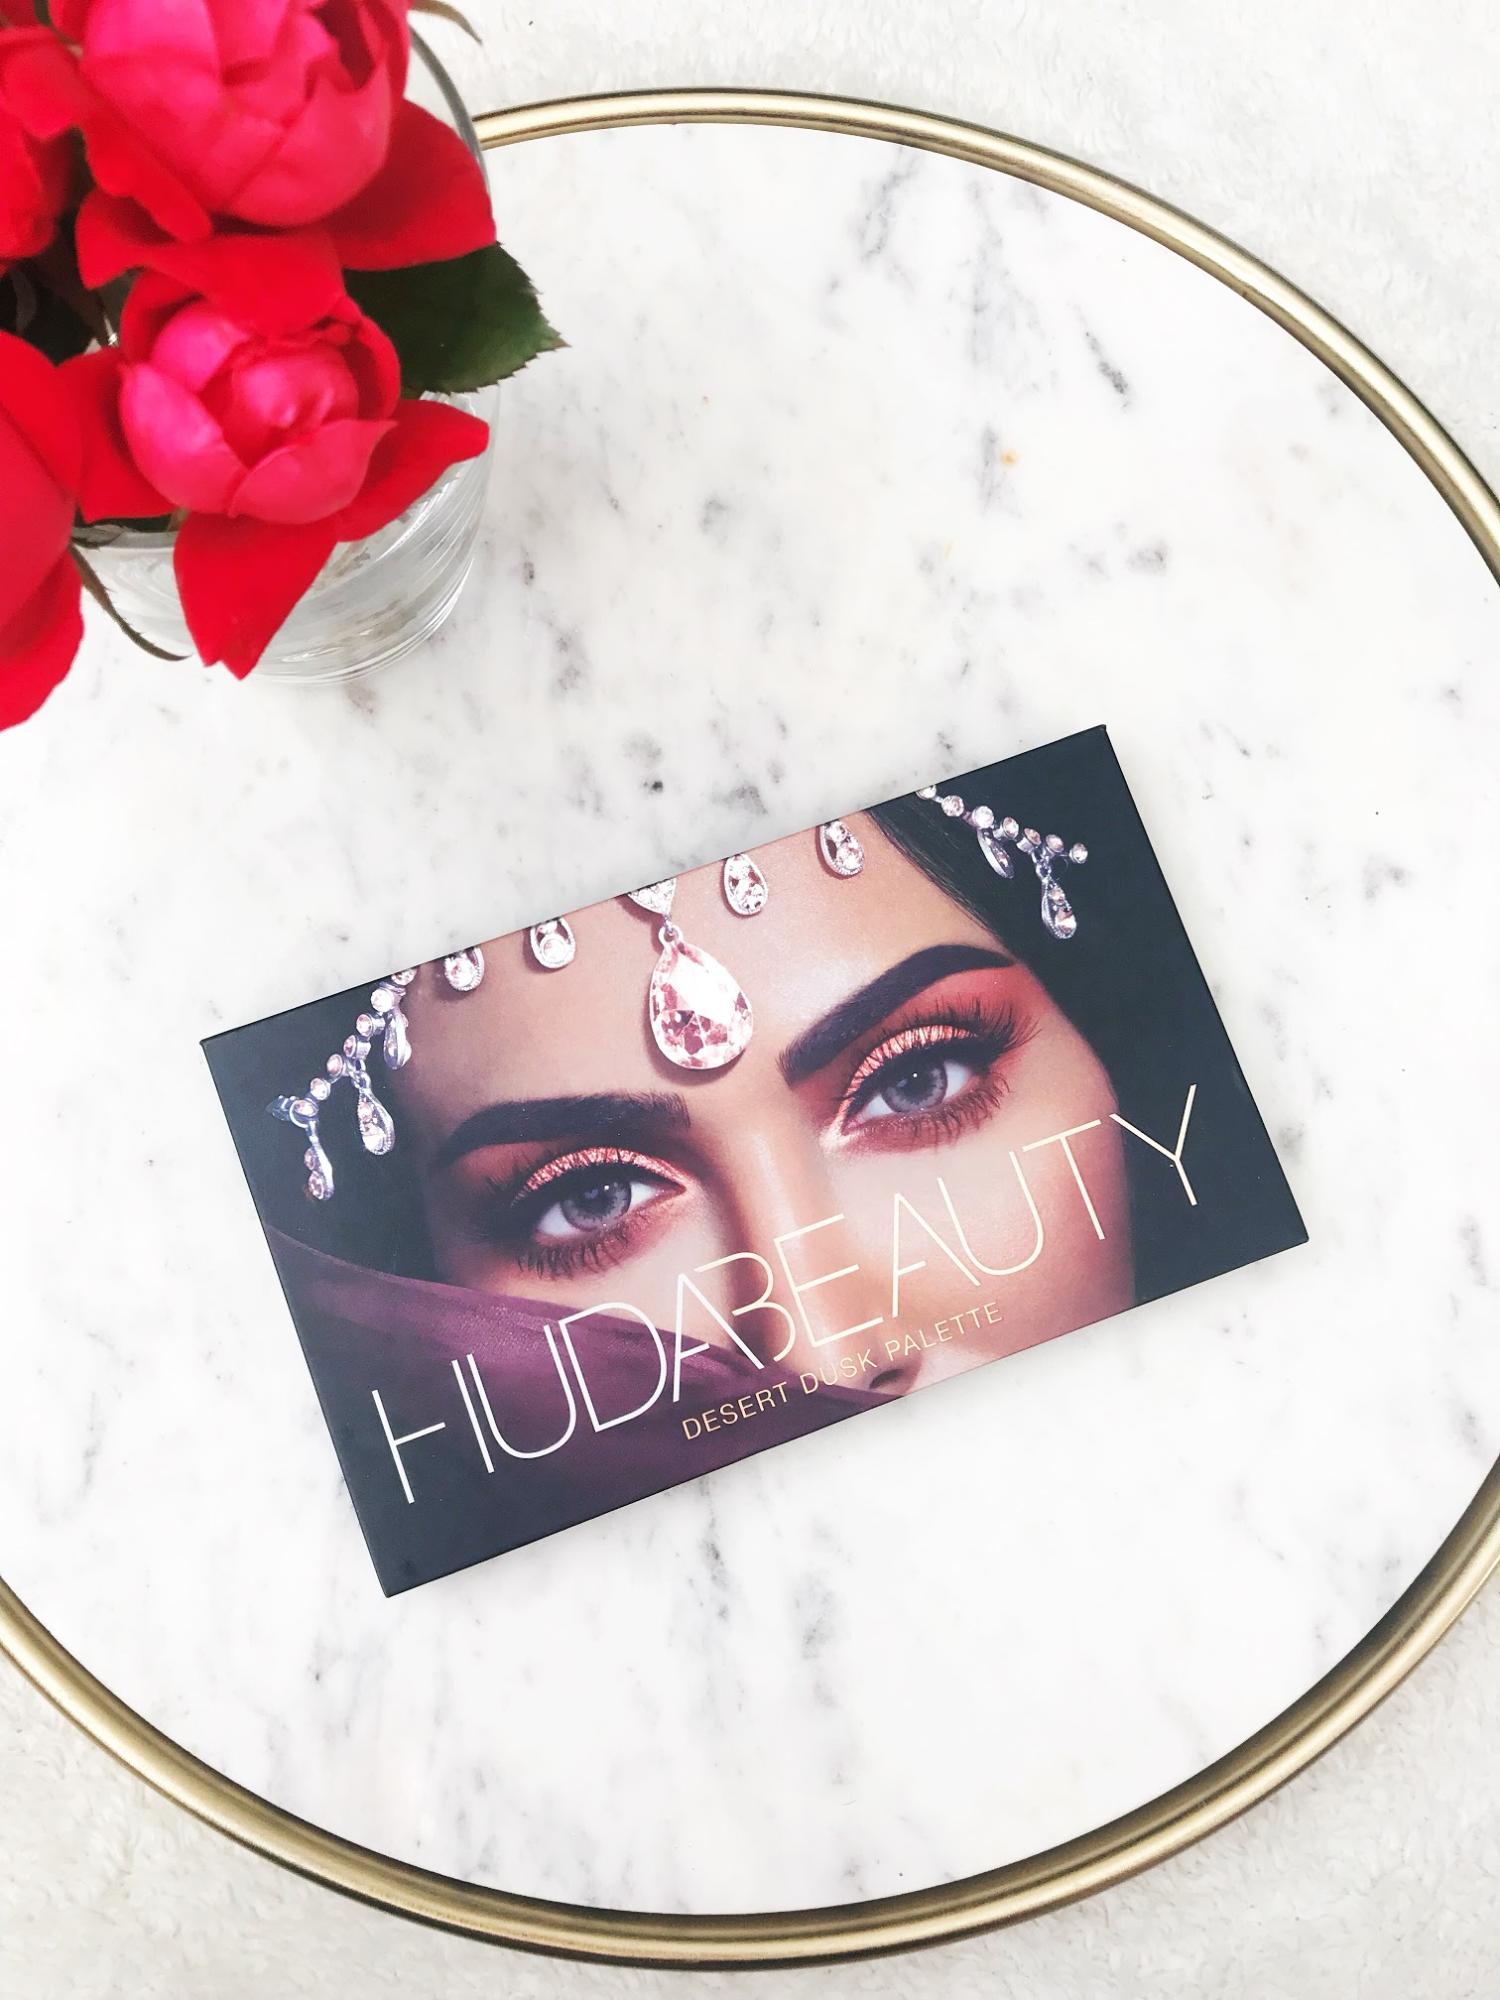 STH Huda Beauty Desert Dusk Palette Review + Swatches